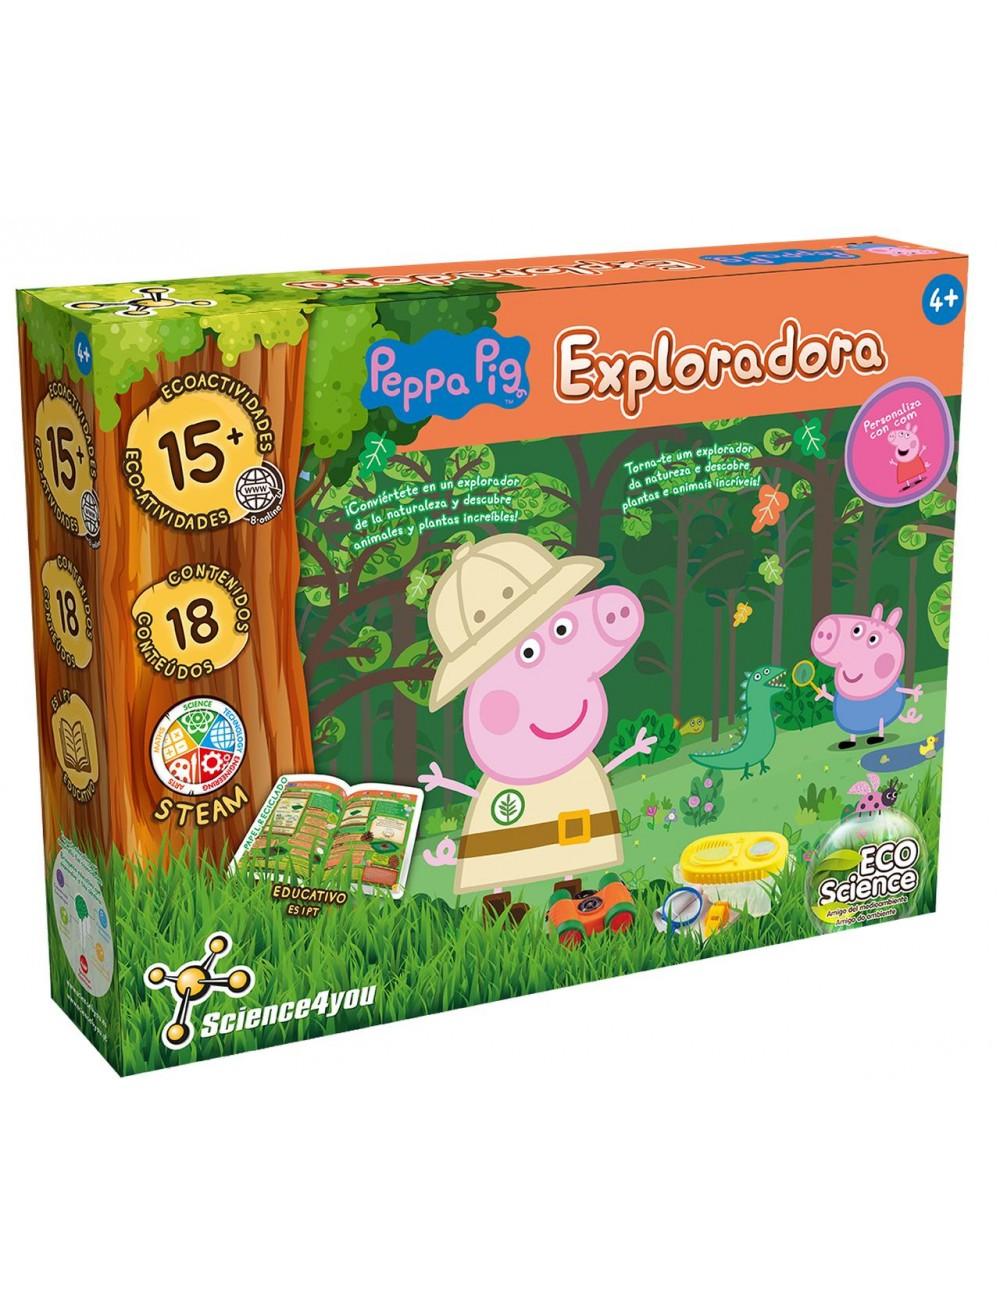 Explorador da Natureza com a Peppa Pig